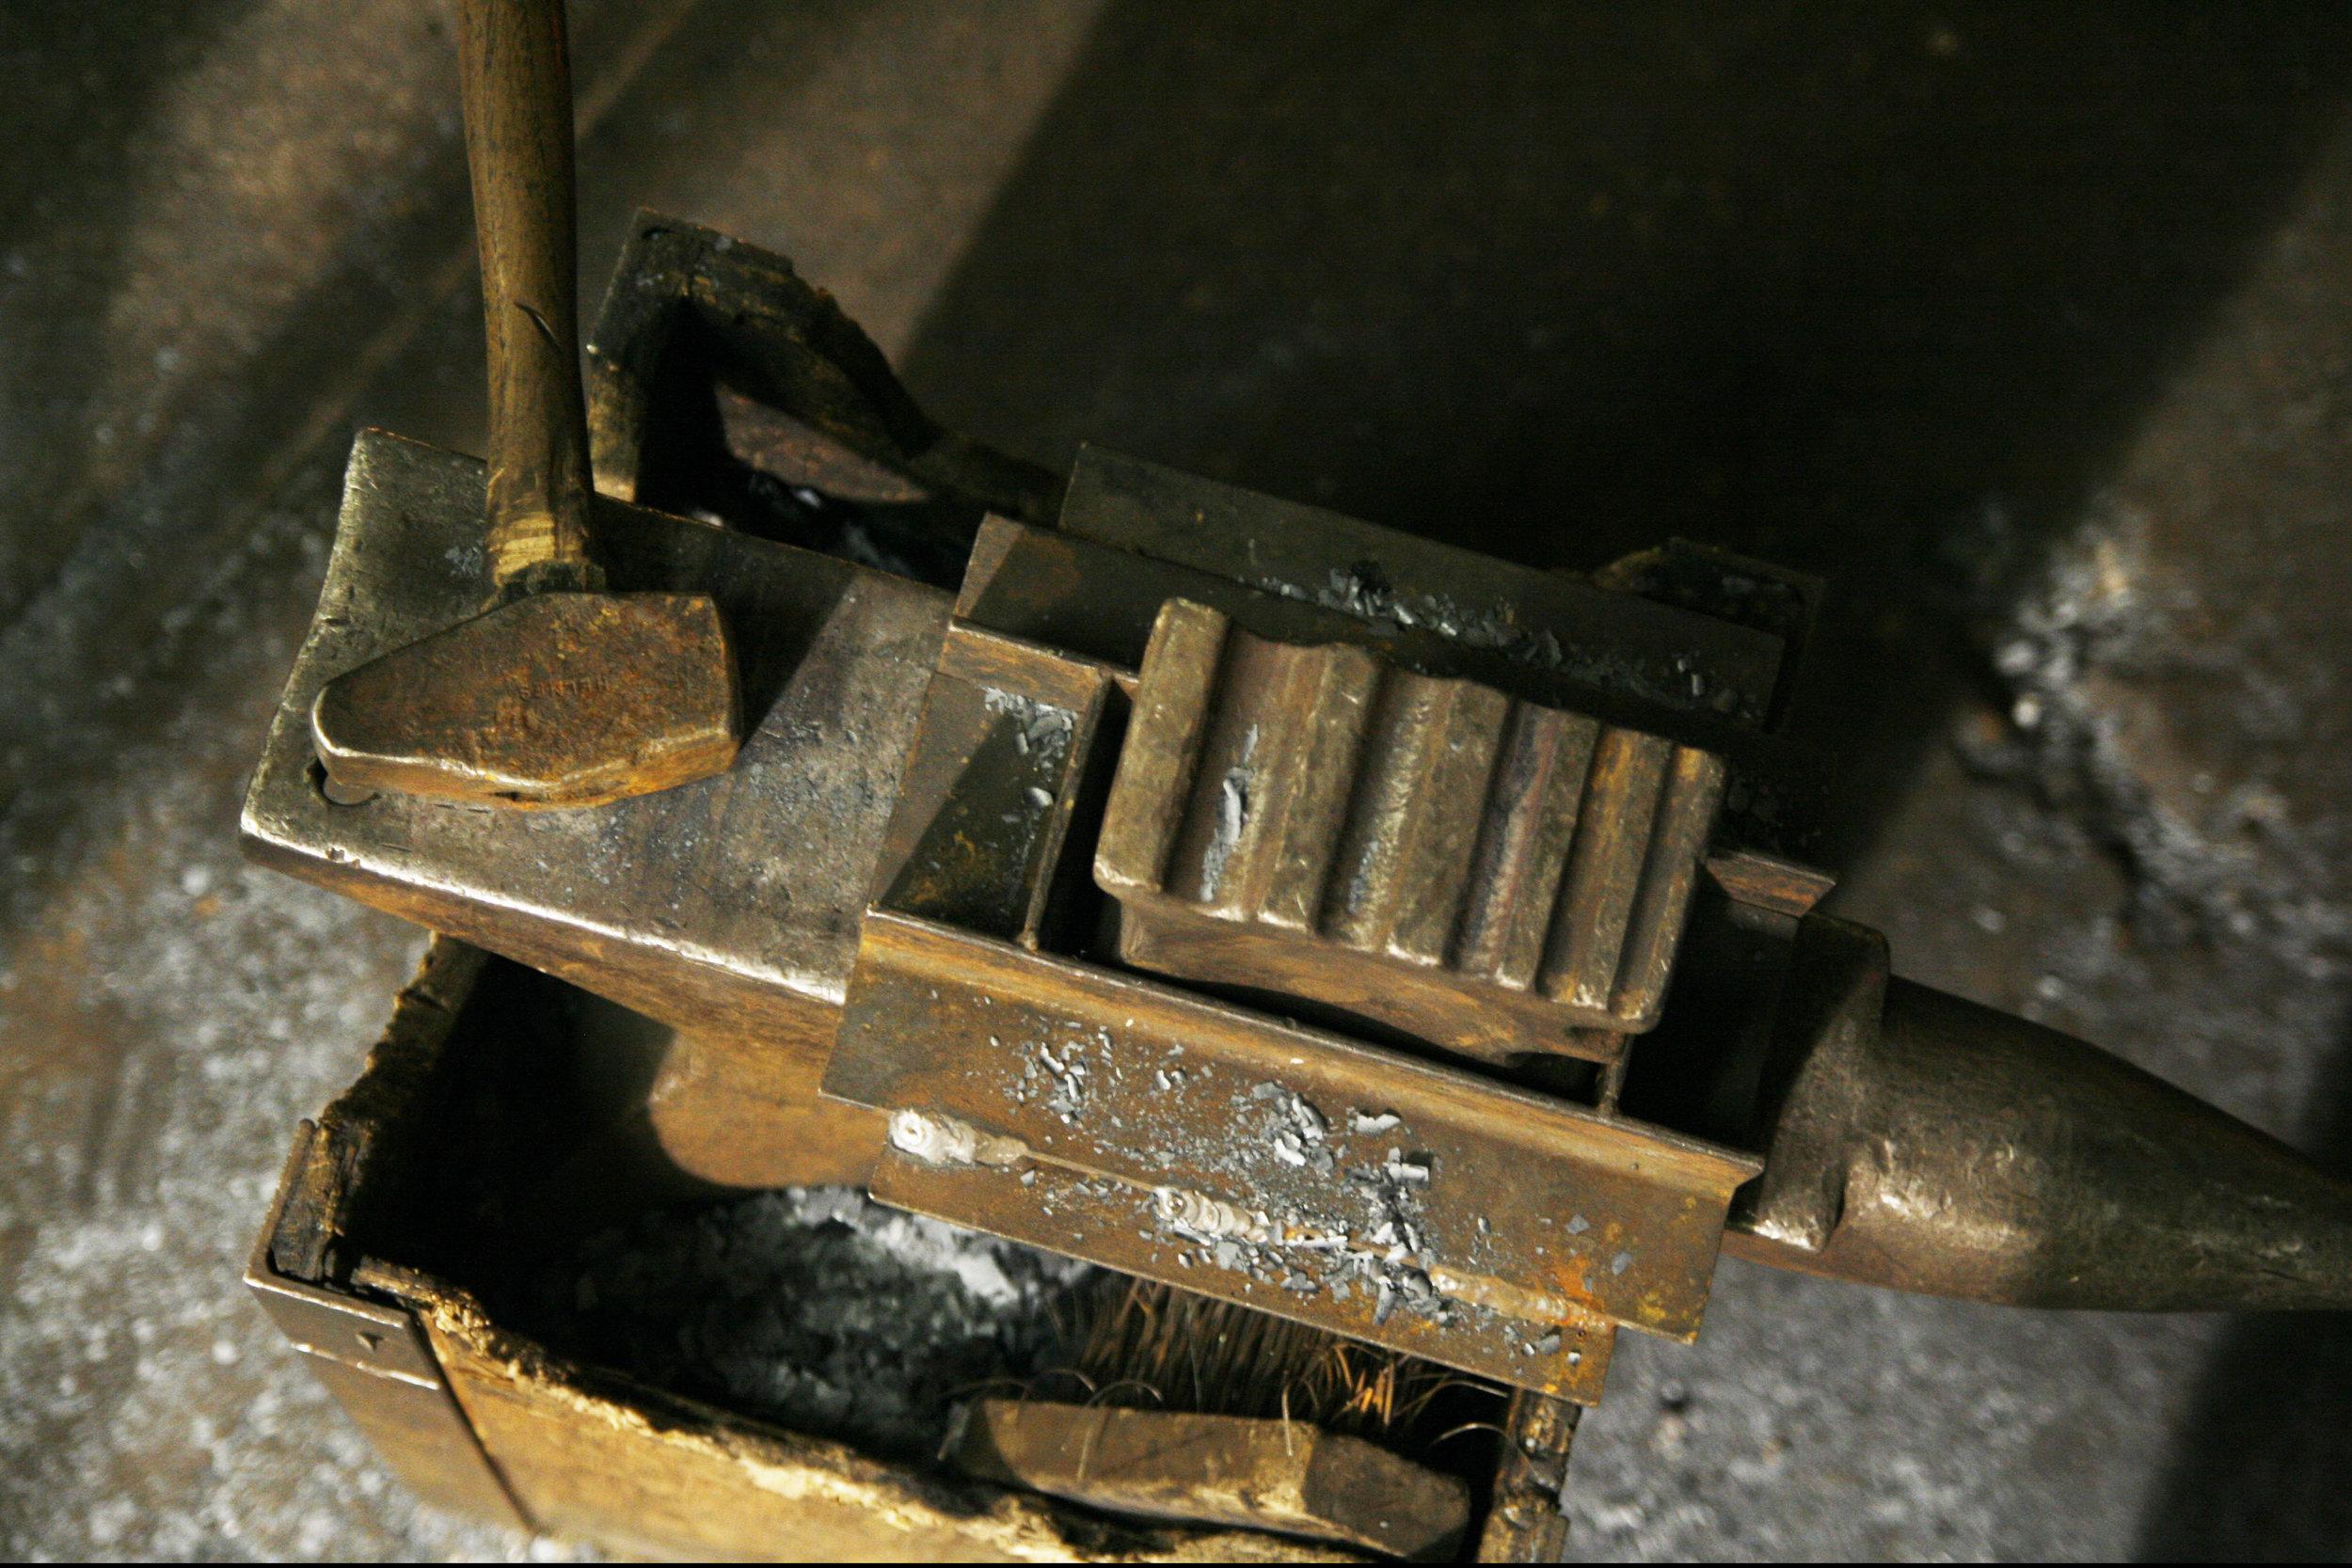 swage block on anvil copy.jpg